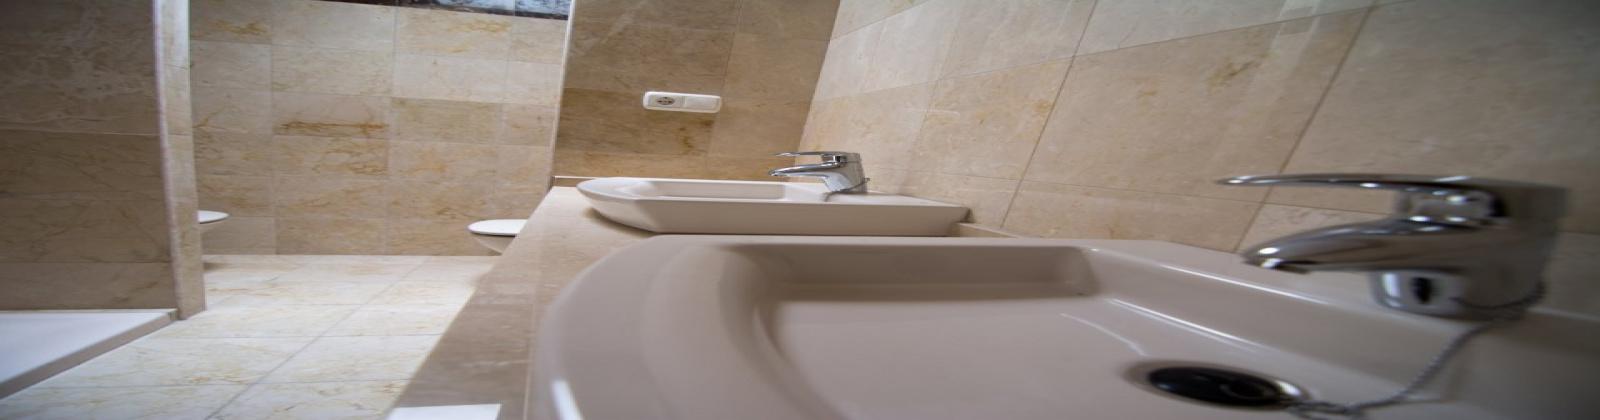 Calle Germanos 8, Roquetas de mar, Almería 04720, 6 Habitaciones Habitaciones, ,3 BathroomsBathrooms,Viviendas,En venta,Villas de Aguamarina III,Calle Germanos,1035